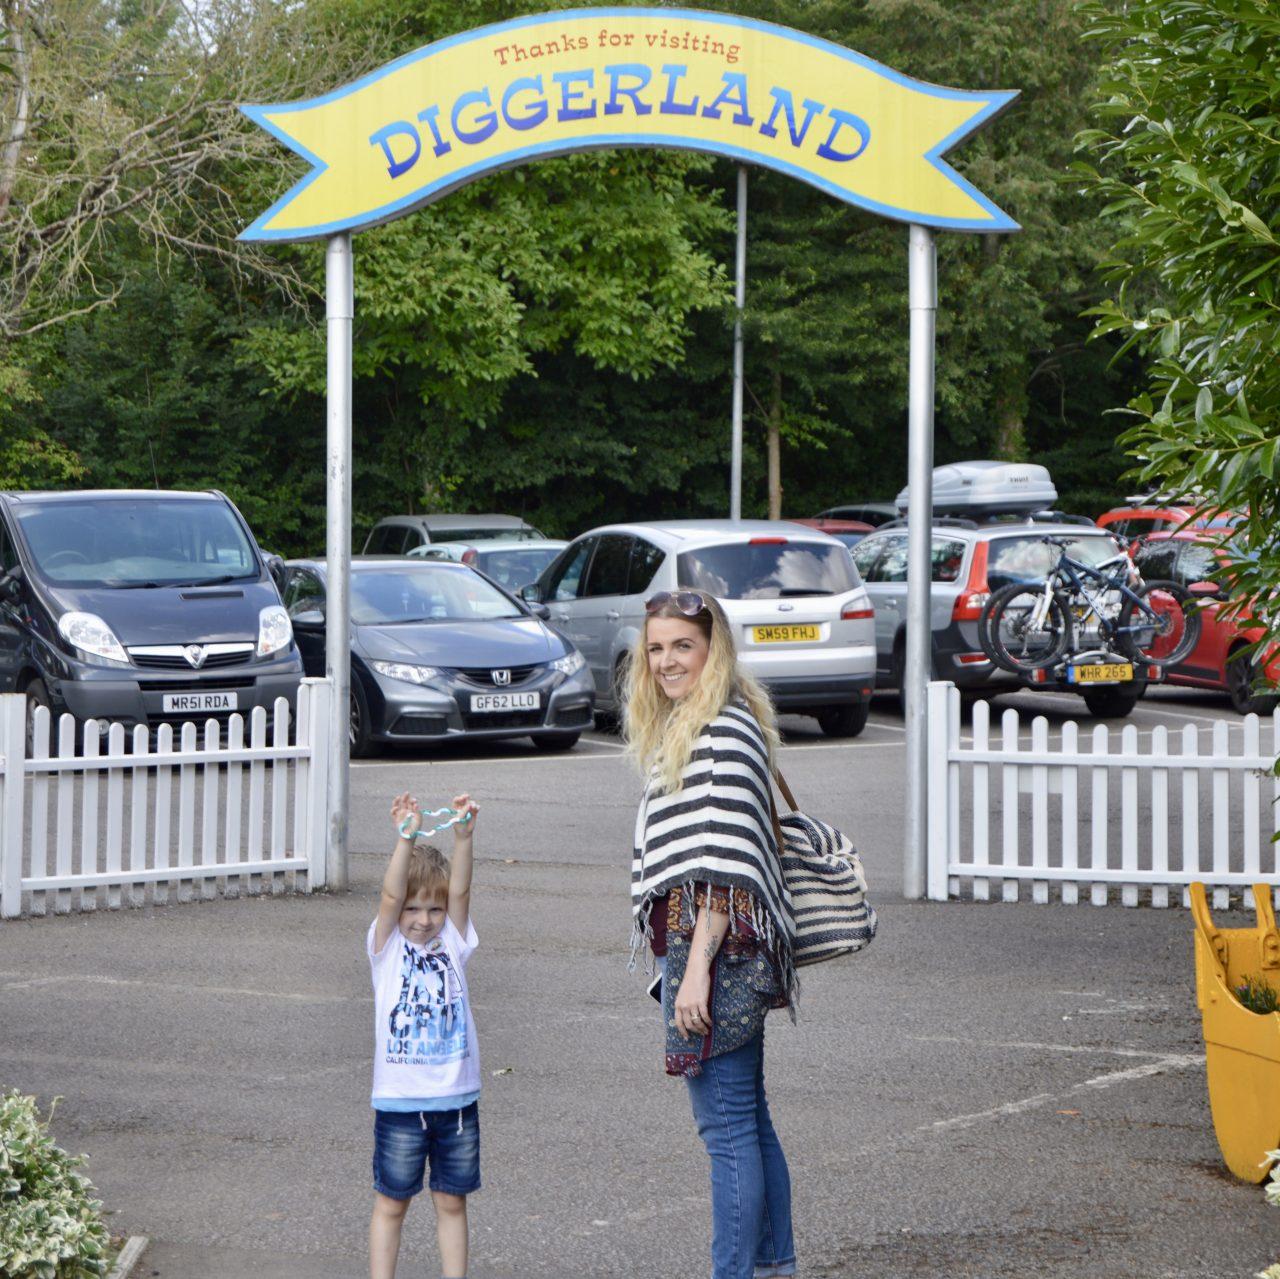 Diggerland Devon